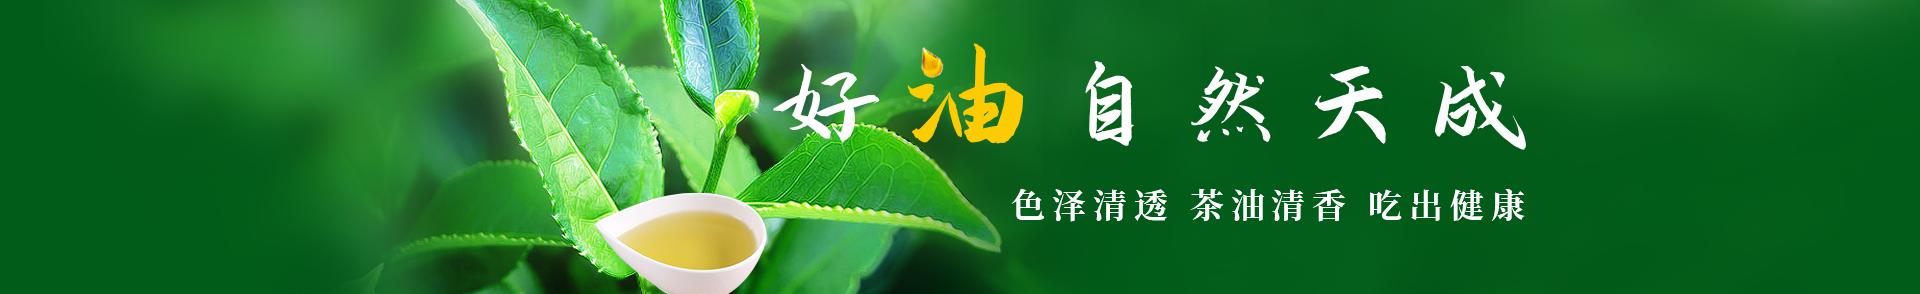 湖北茶油哪家好,湖北茶油品牌,湖北茶油廠家